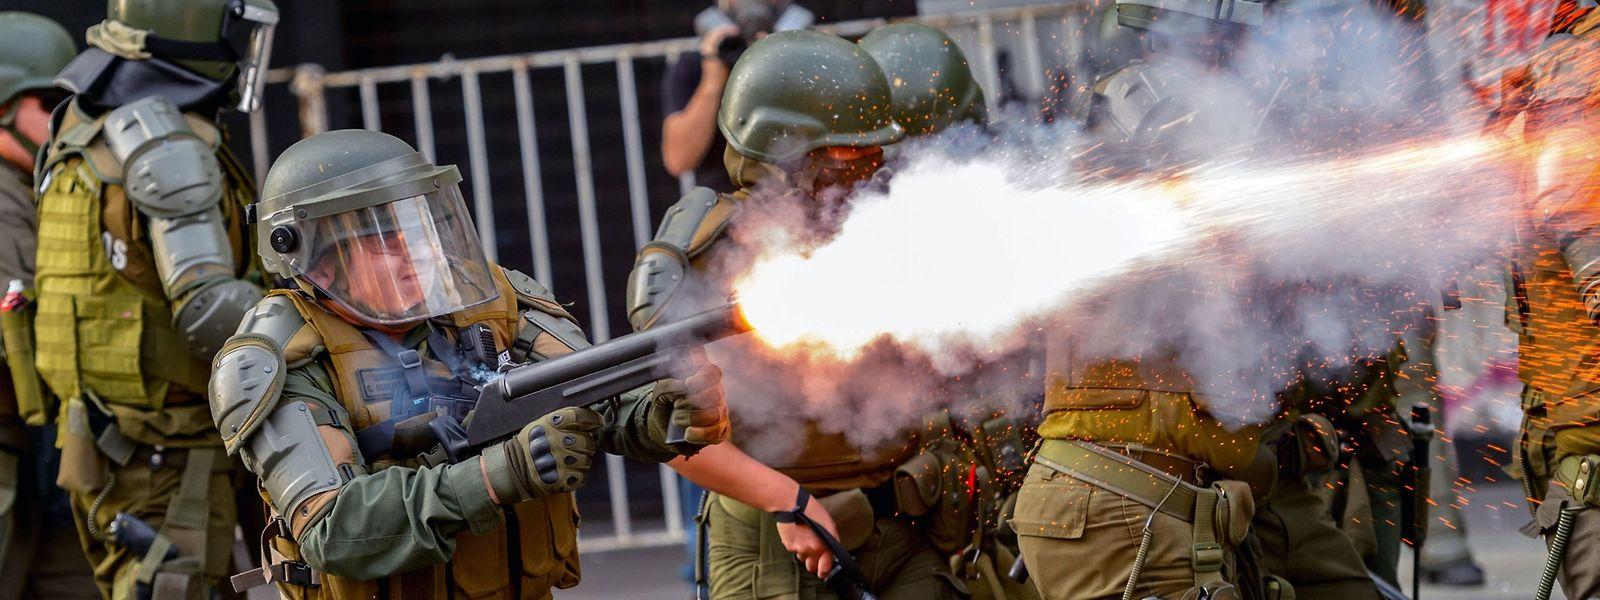 Die chilenische Polizei geht nicht zimperlich mit den Demonstranten um.